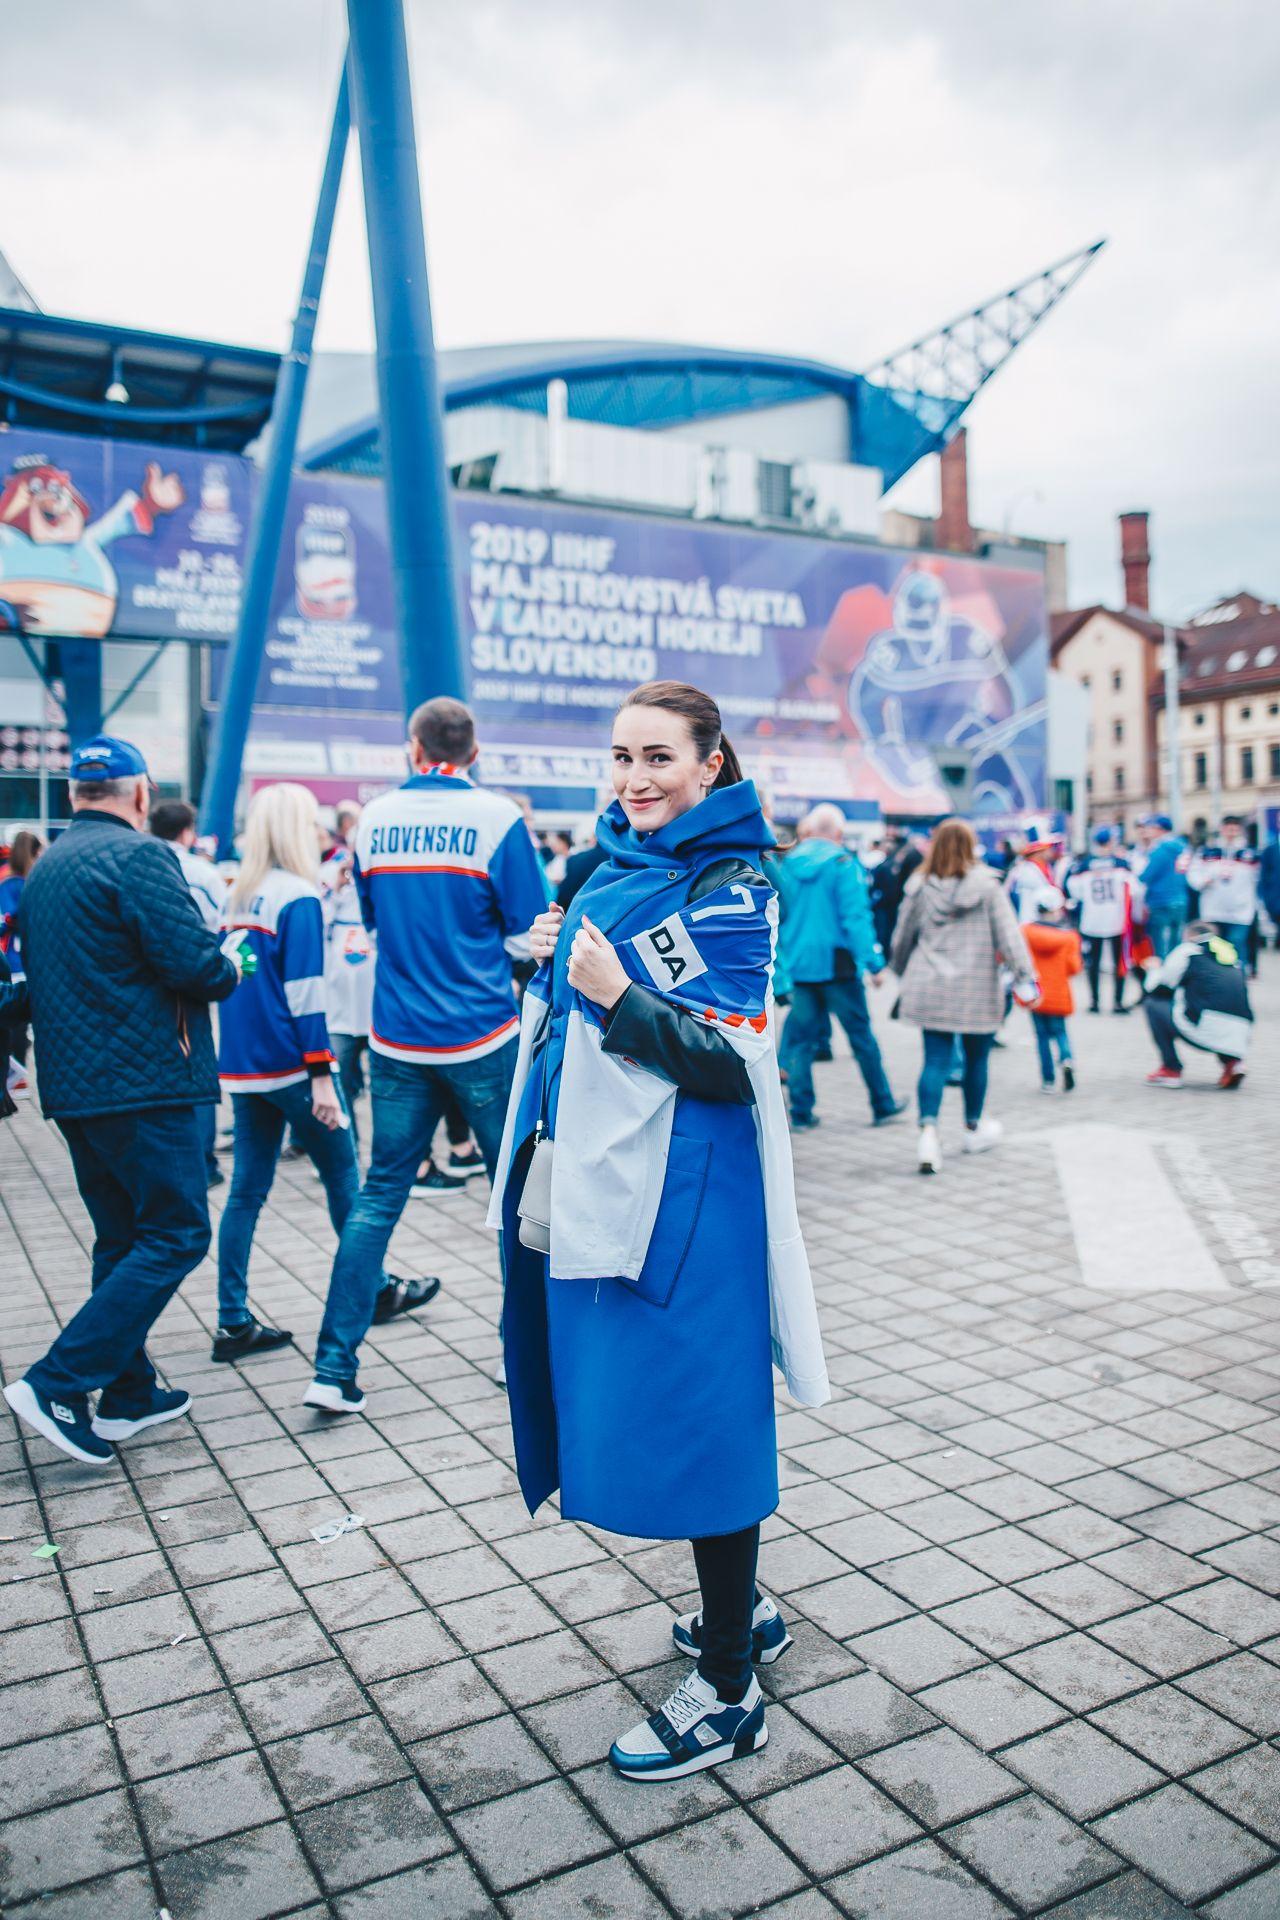 Toto sú fanúšičky slovenskej hokejovej reprezentácie